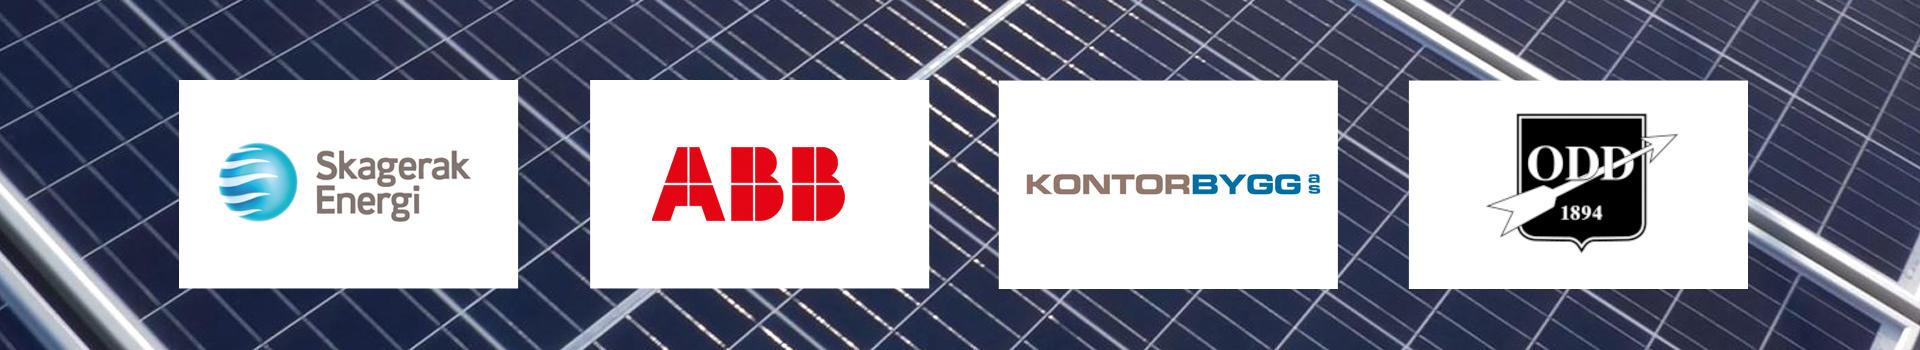 Fire logoer plassert på et solcellepanel